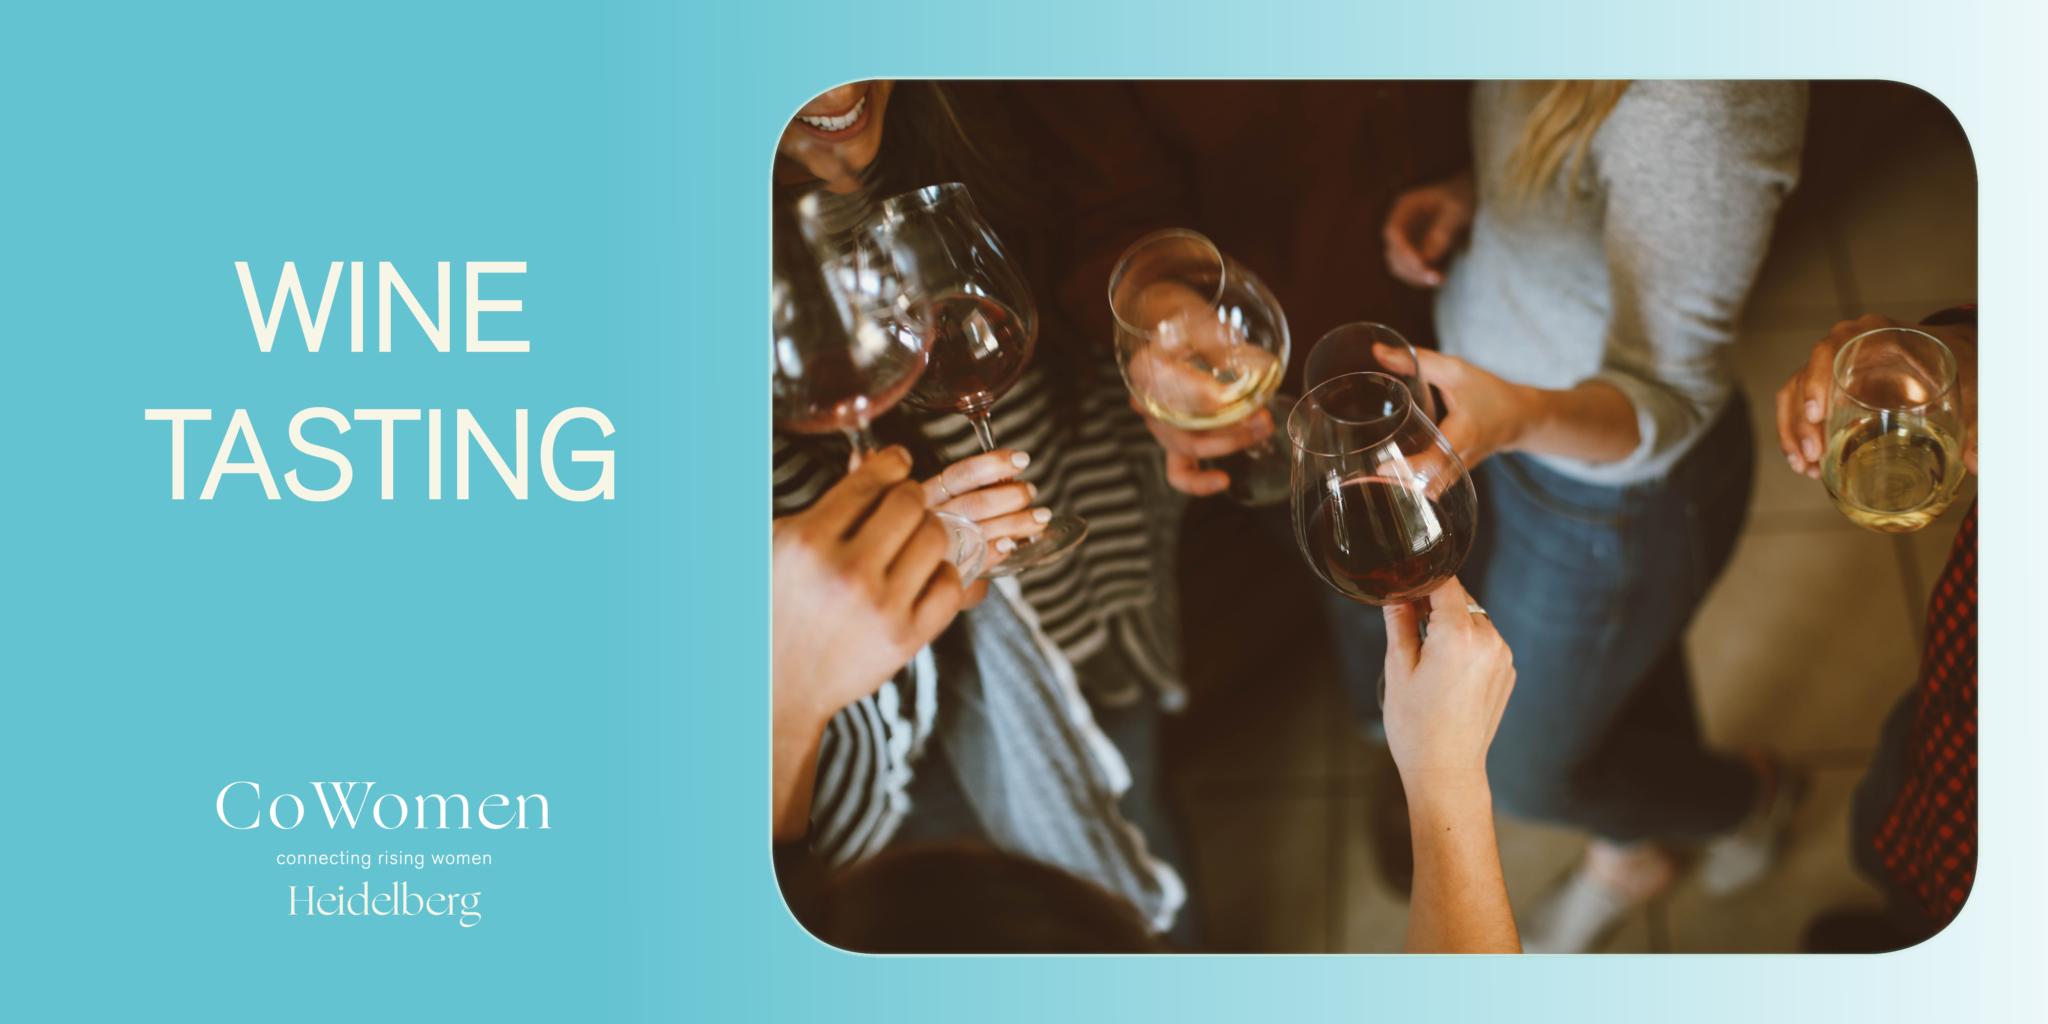 wine tasting website